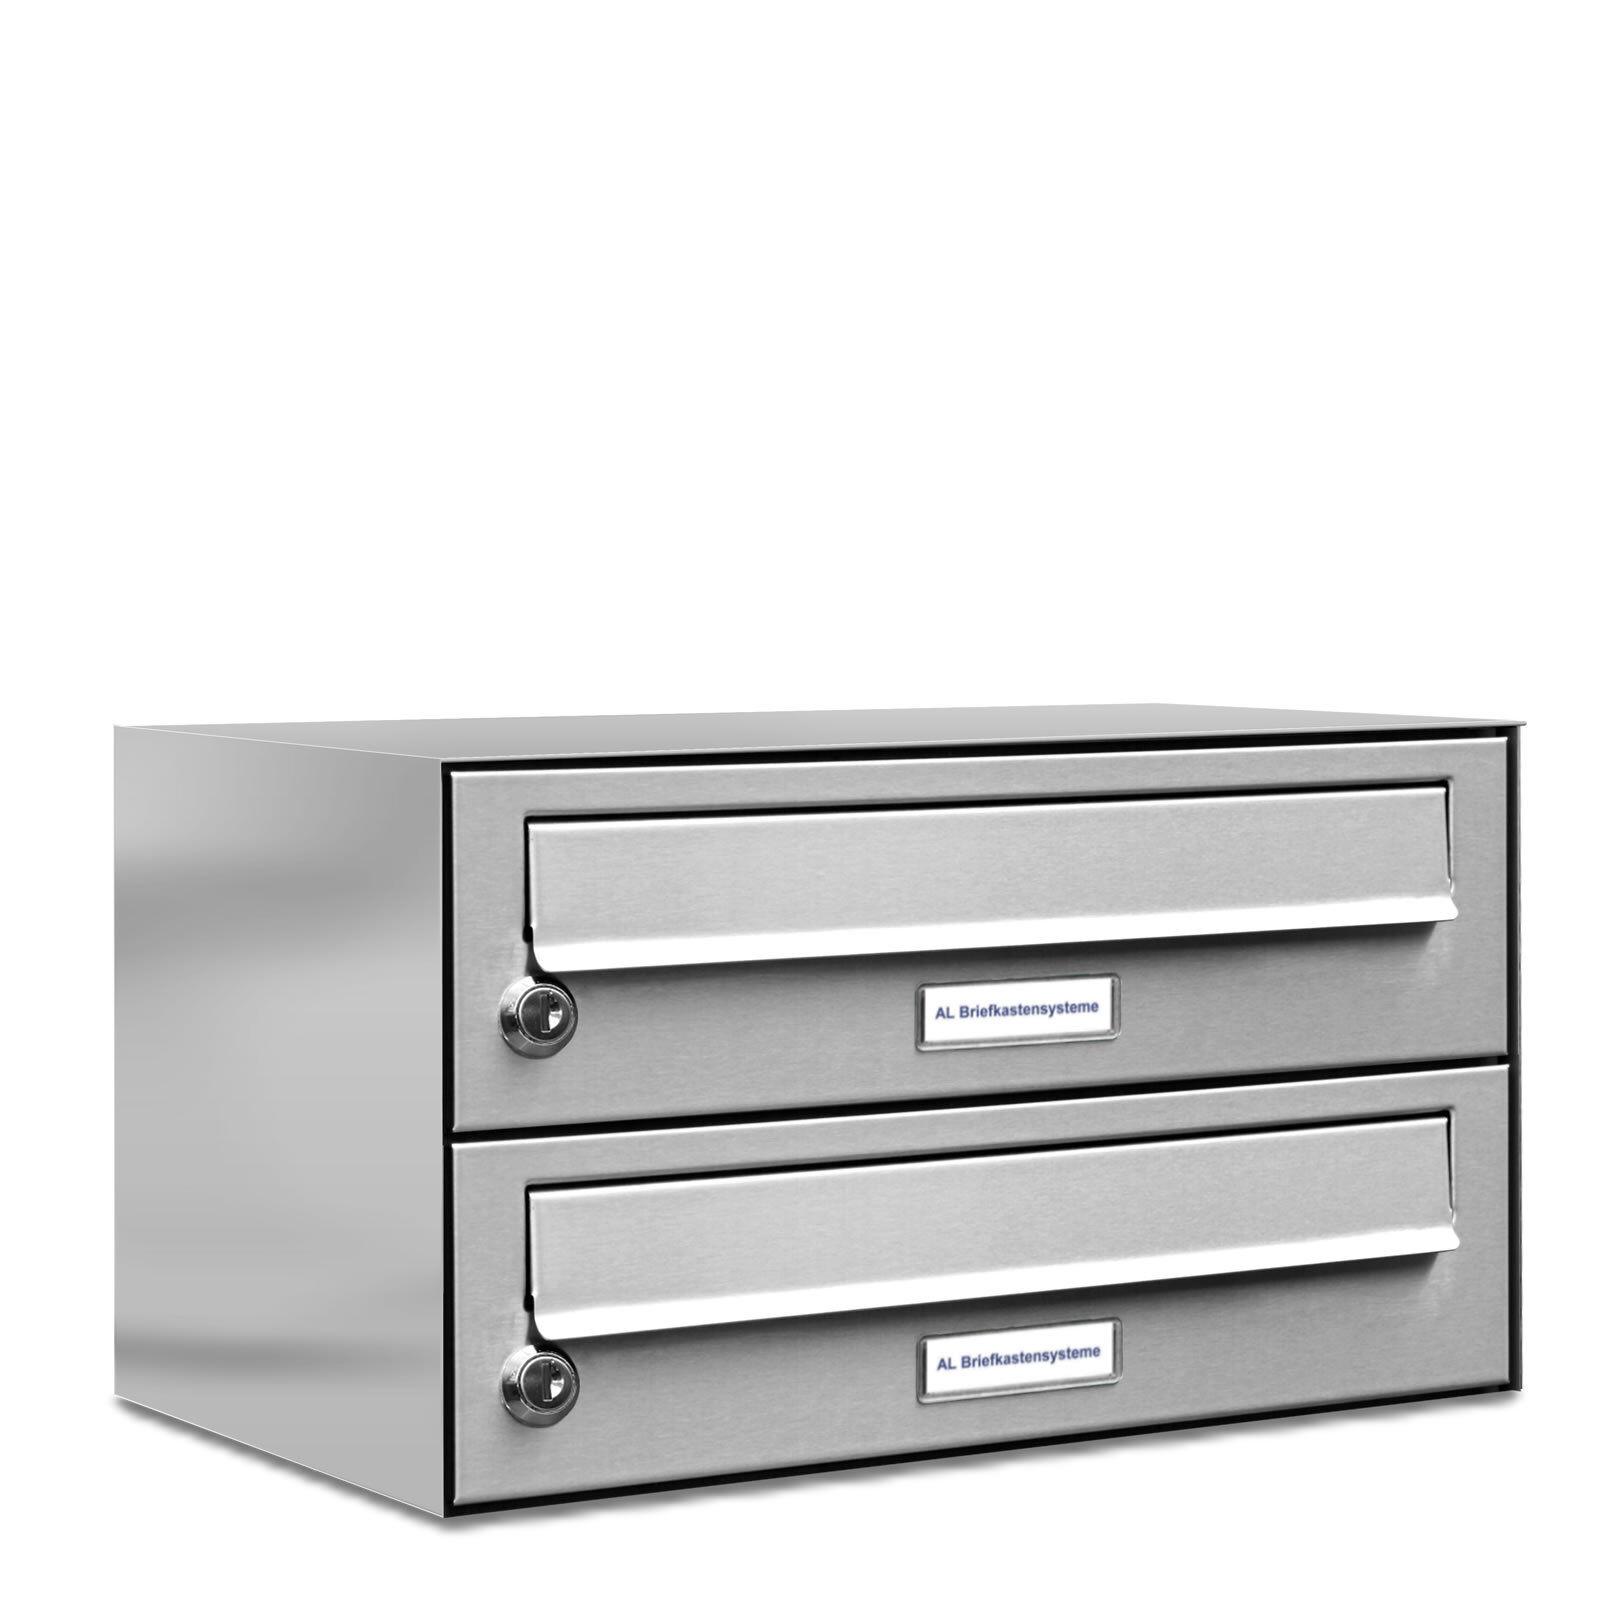 2 er Premium Edelstahl Wand Briefkasten Anlage A4 Postkasten Anordnung 1x2